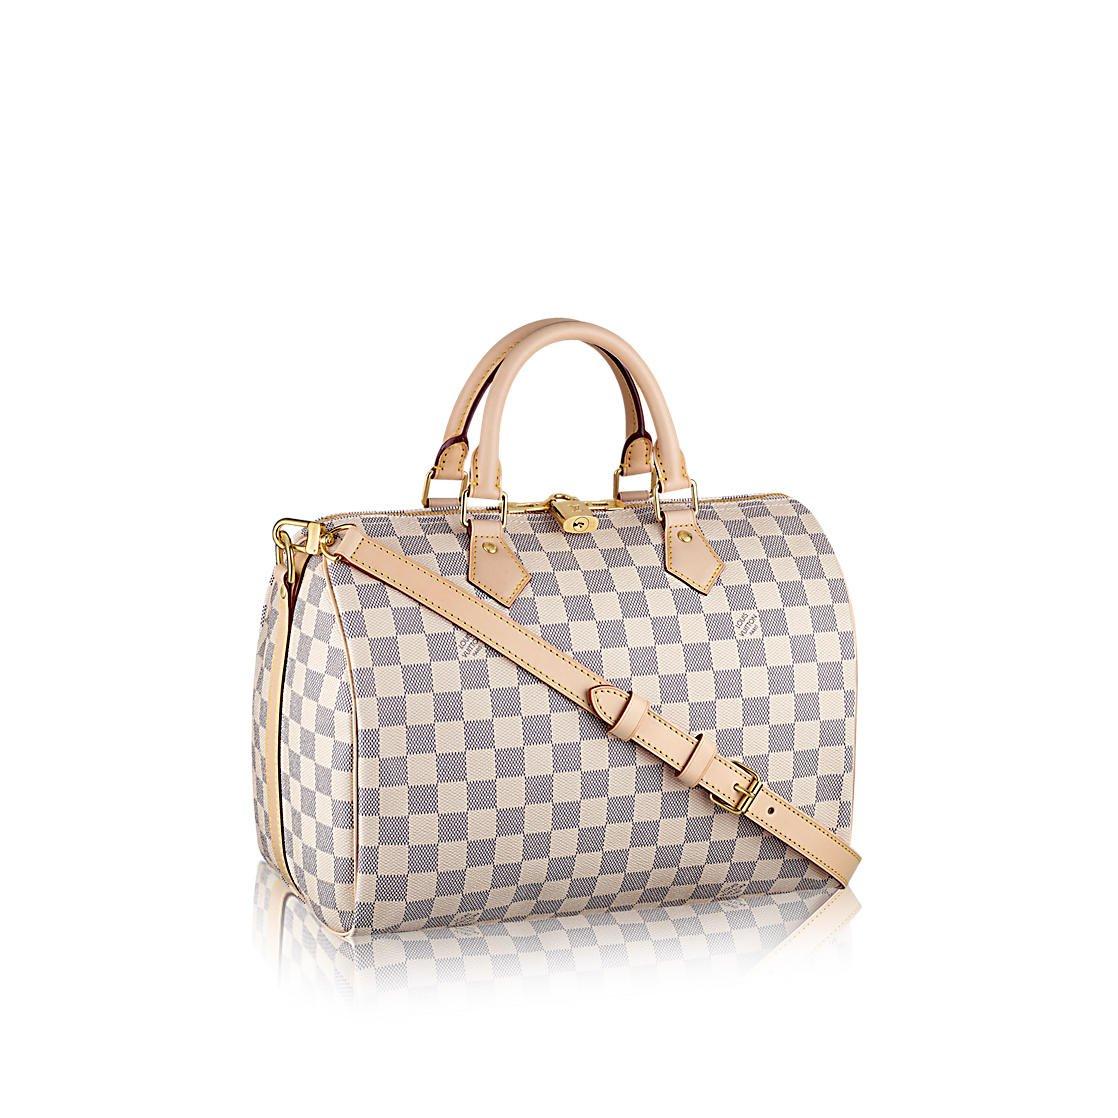 d31c5ea216 Amazon.com  Louis Vuitton Damier Azur Canvas Speedy Bandouliere 30 N41373   Shoes